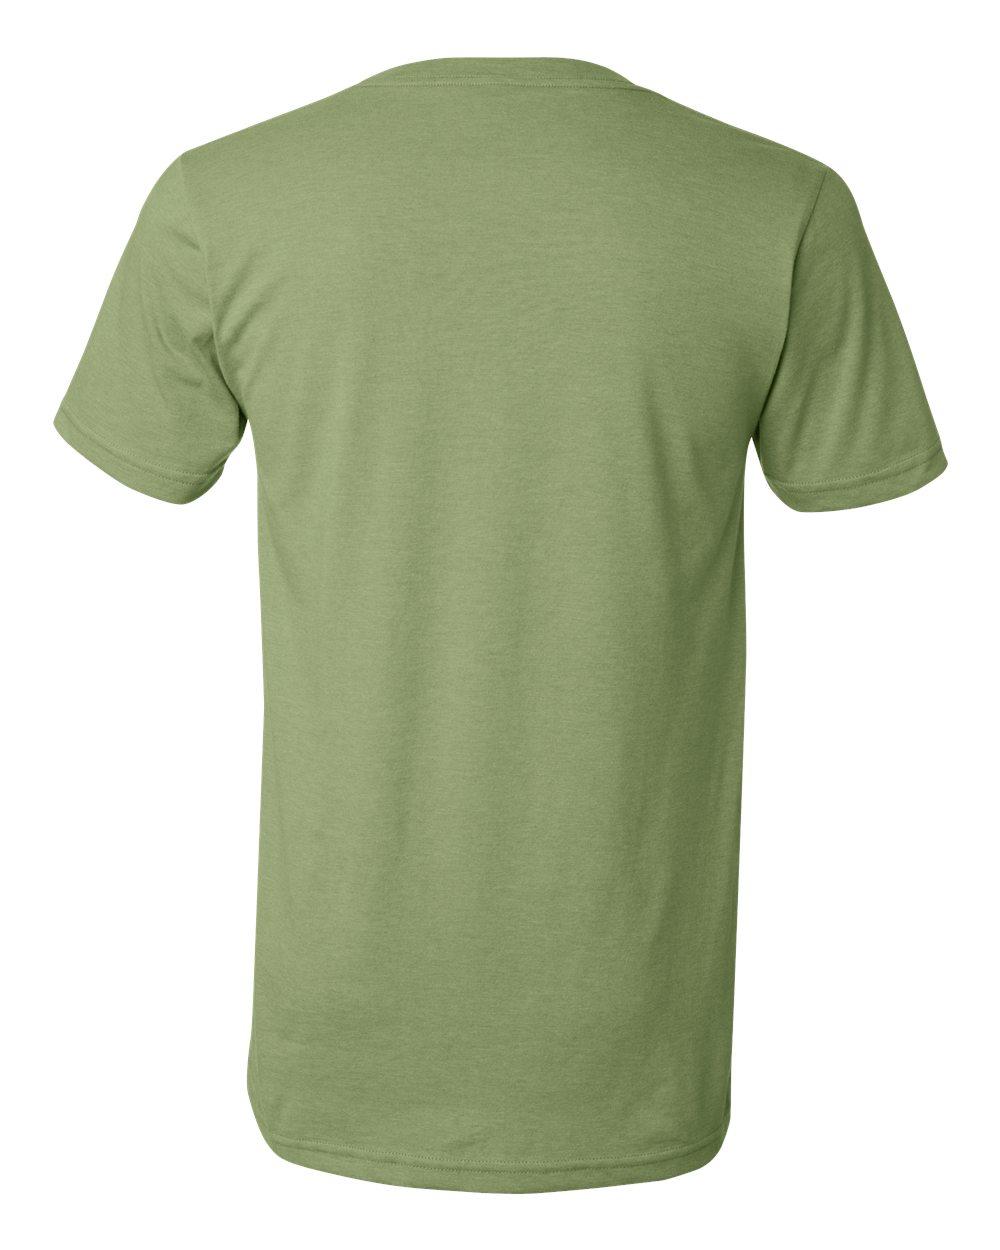 Bella-Canvas-Men-039-s-Jersey-Short-Sleeve-V-Neck-T-Shirt-3005-XS-3XL thumbnail 71